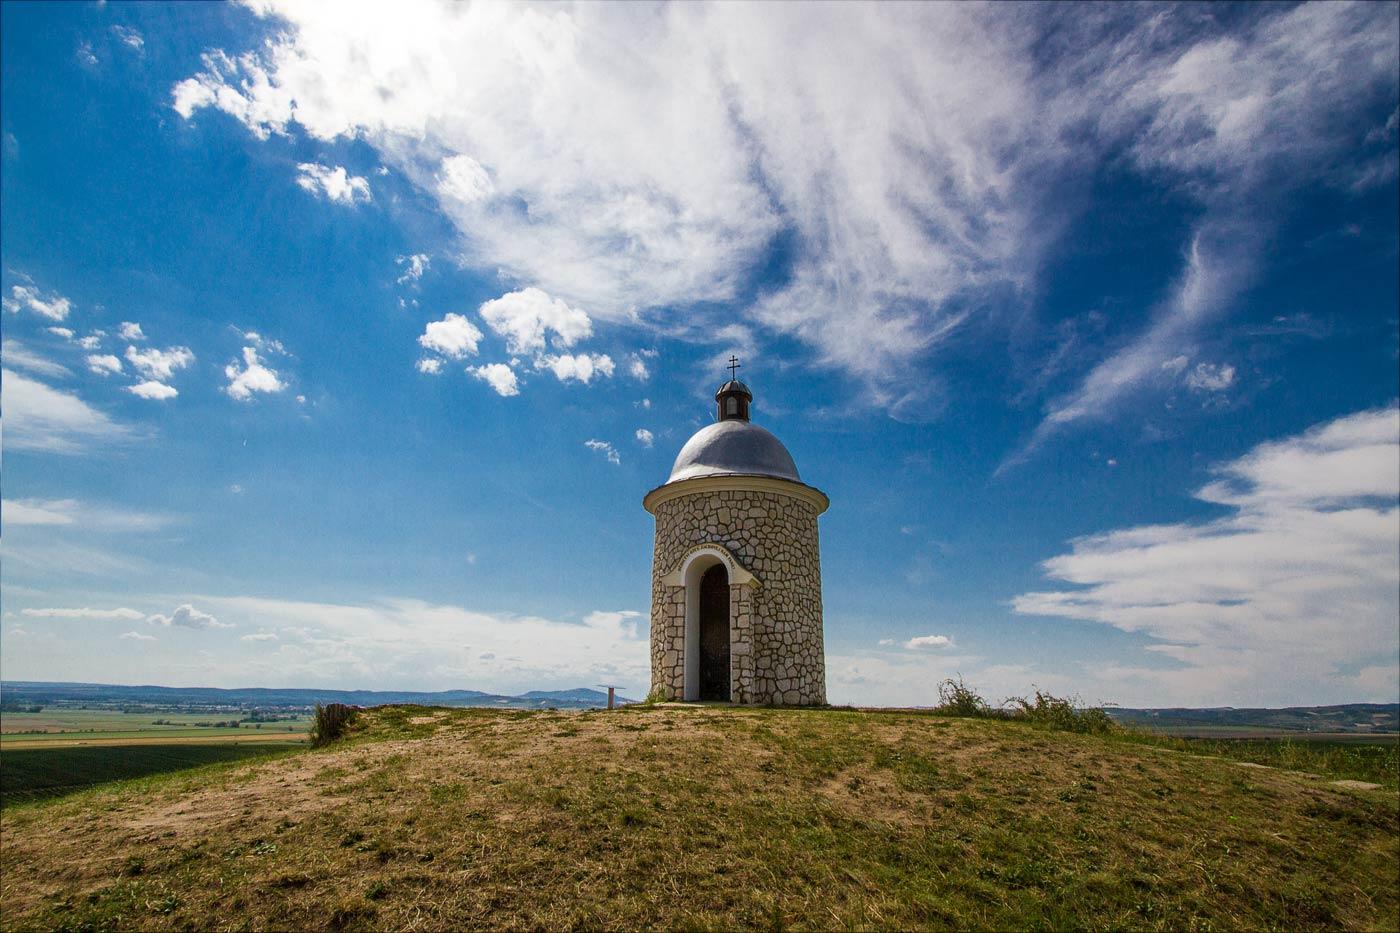 Часовенка на холме посреди виноградников у Велке Биловице, Южная Моравия